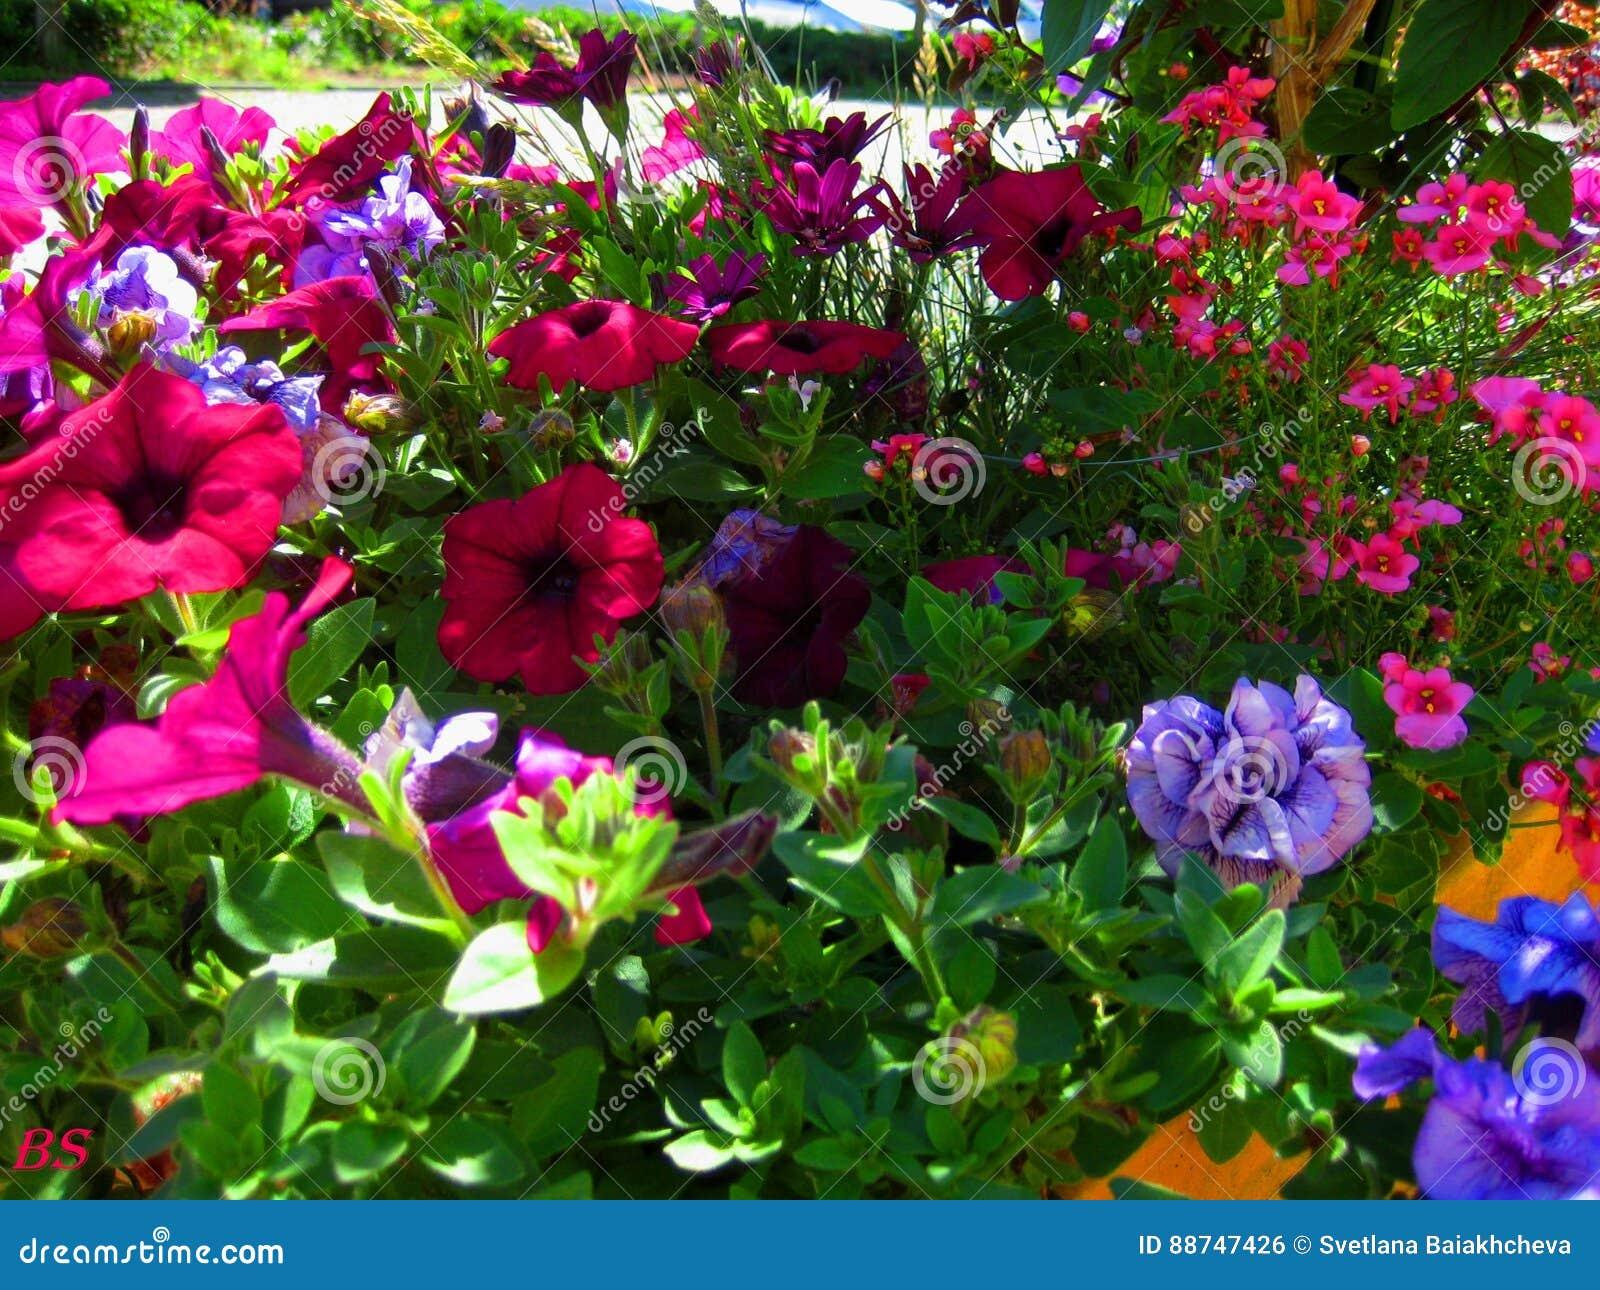 Μακρο φωτογραφίες με τα φωτεινά όμορφα λουλούδια της πετούνιας για τον εξωραϊσμό